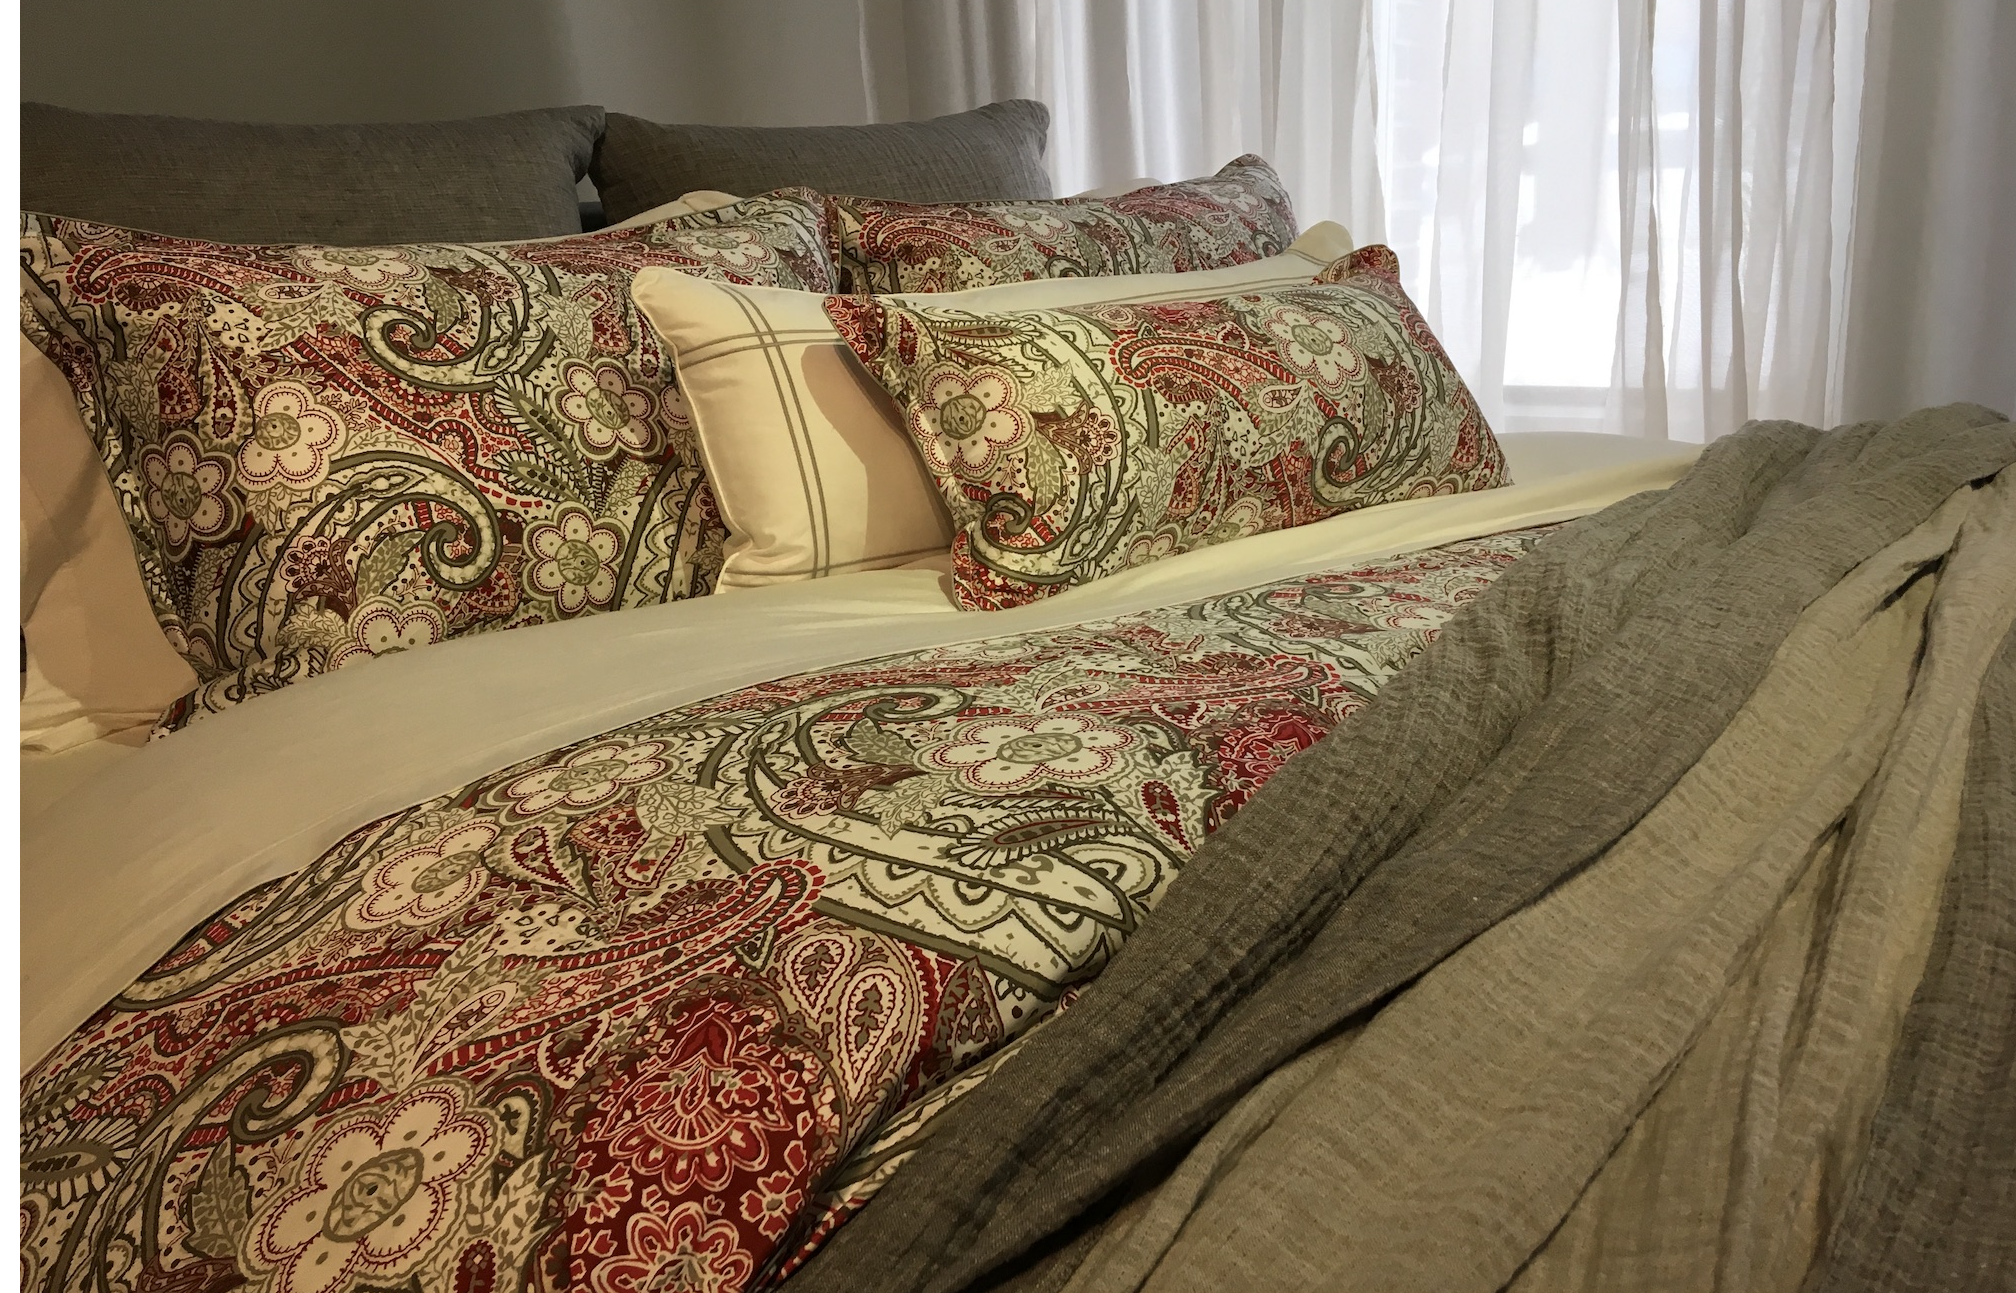 Kootenai Moon Furniture Bed Linens & Pillows